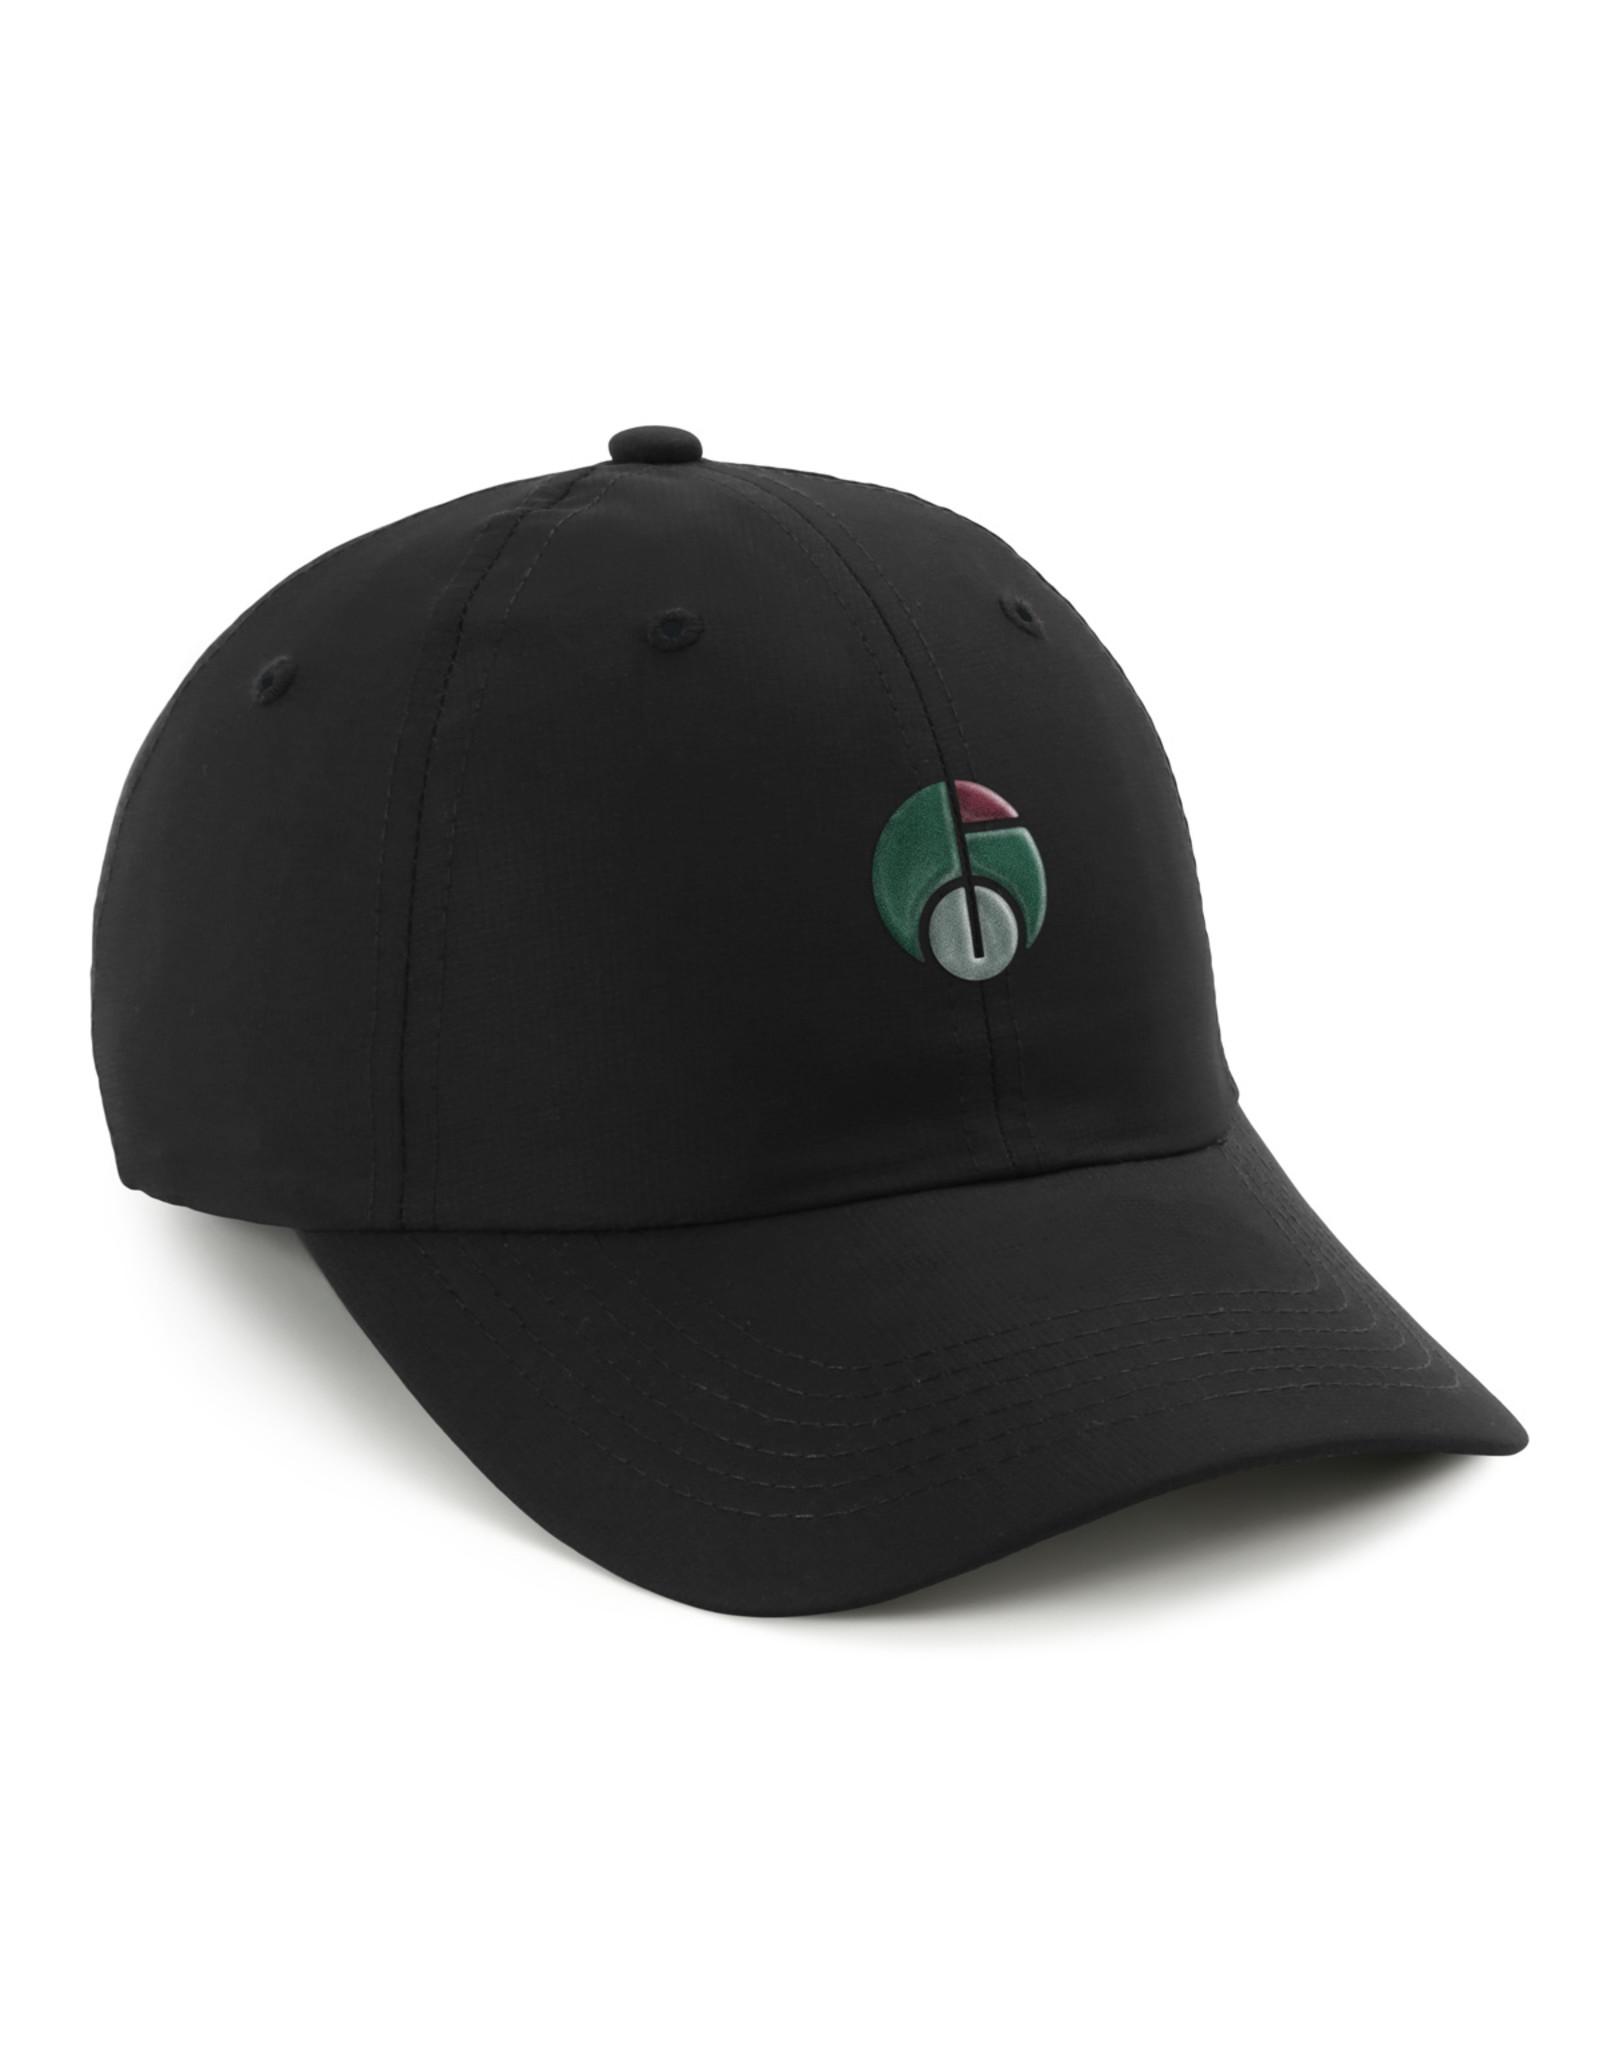 Imperial Headwear GIS Leaderboard Hat - Black